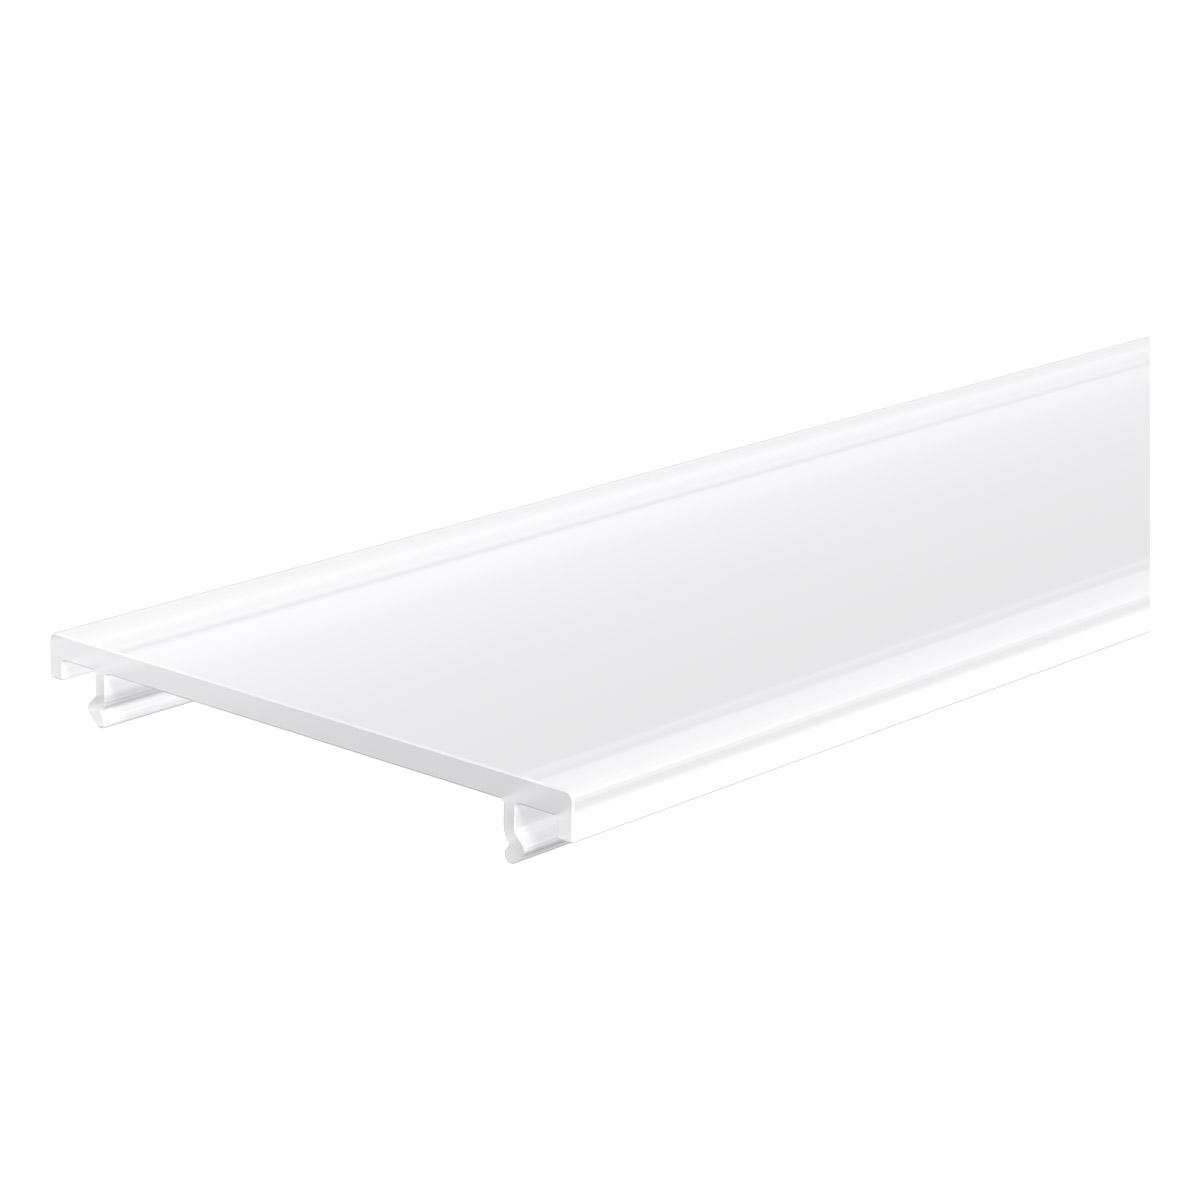 kunststoff abdeckung opal 200cm material uv best ndiges pmma transmissionsgrad ca 70. Black Bedroom Furniture Sets. Home Design Ideas